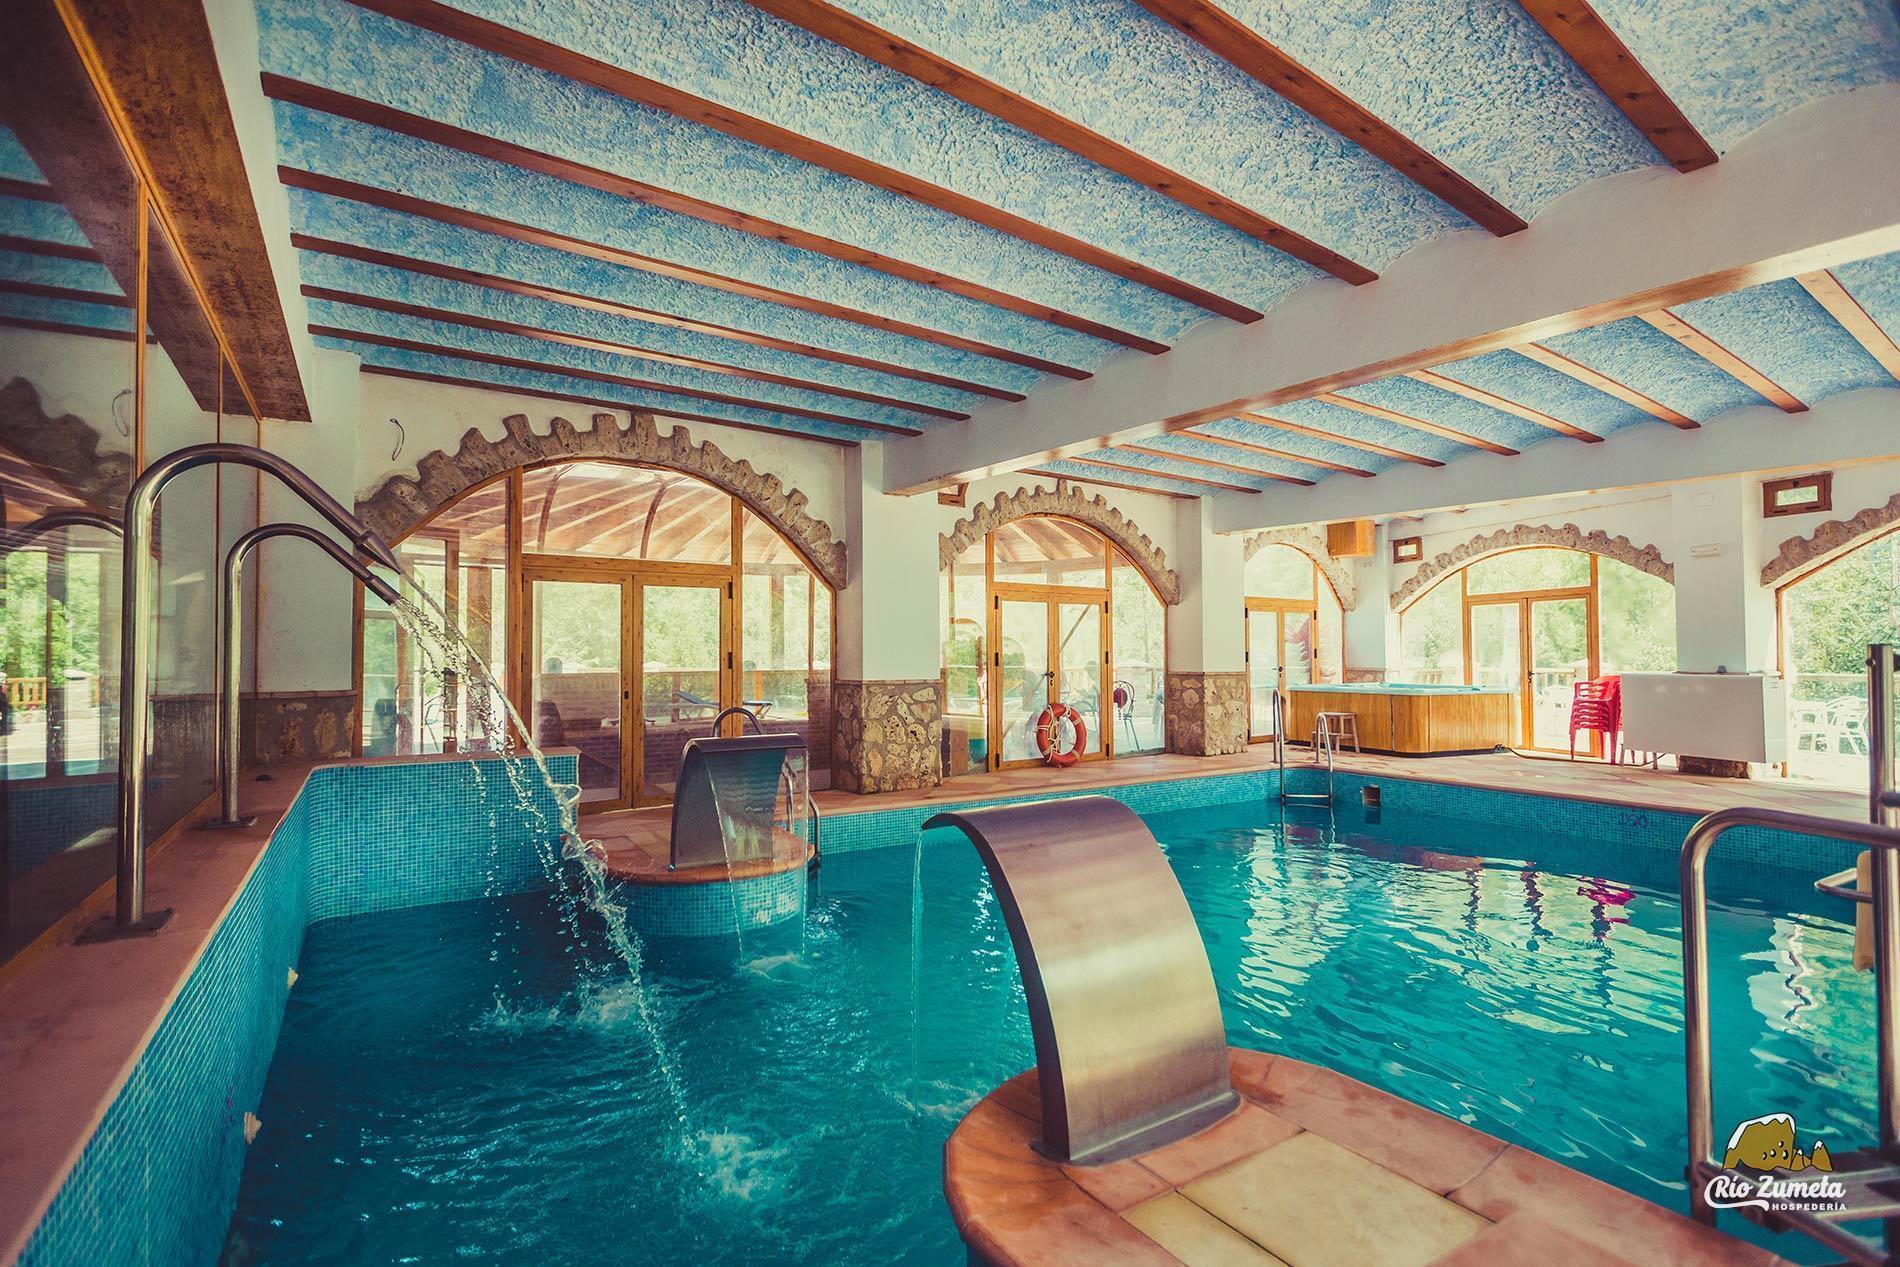 Spa y piscinas hospeder a r o zumeta hotel en cazorla for Piscina la granada